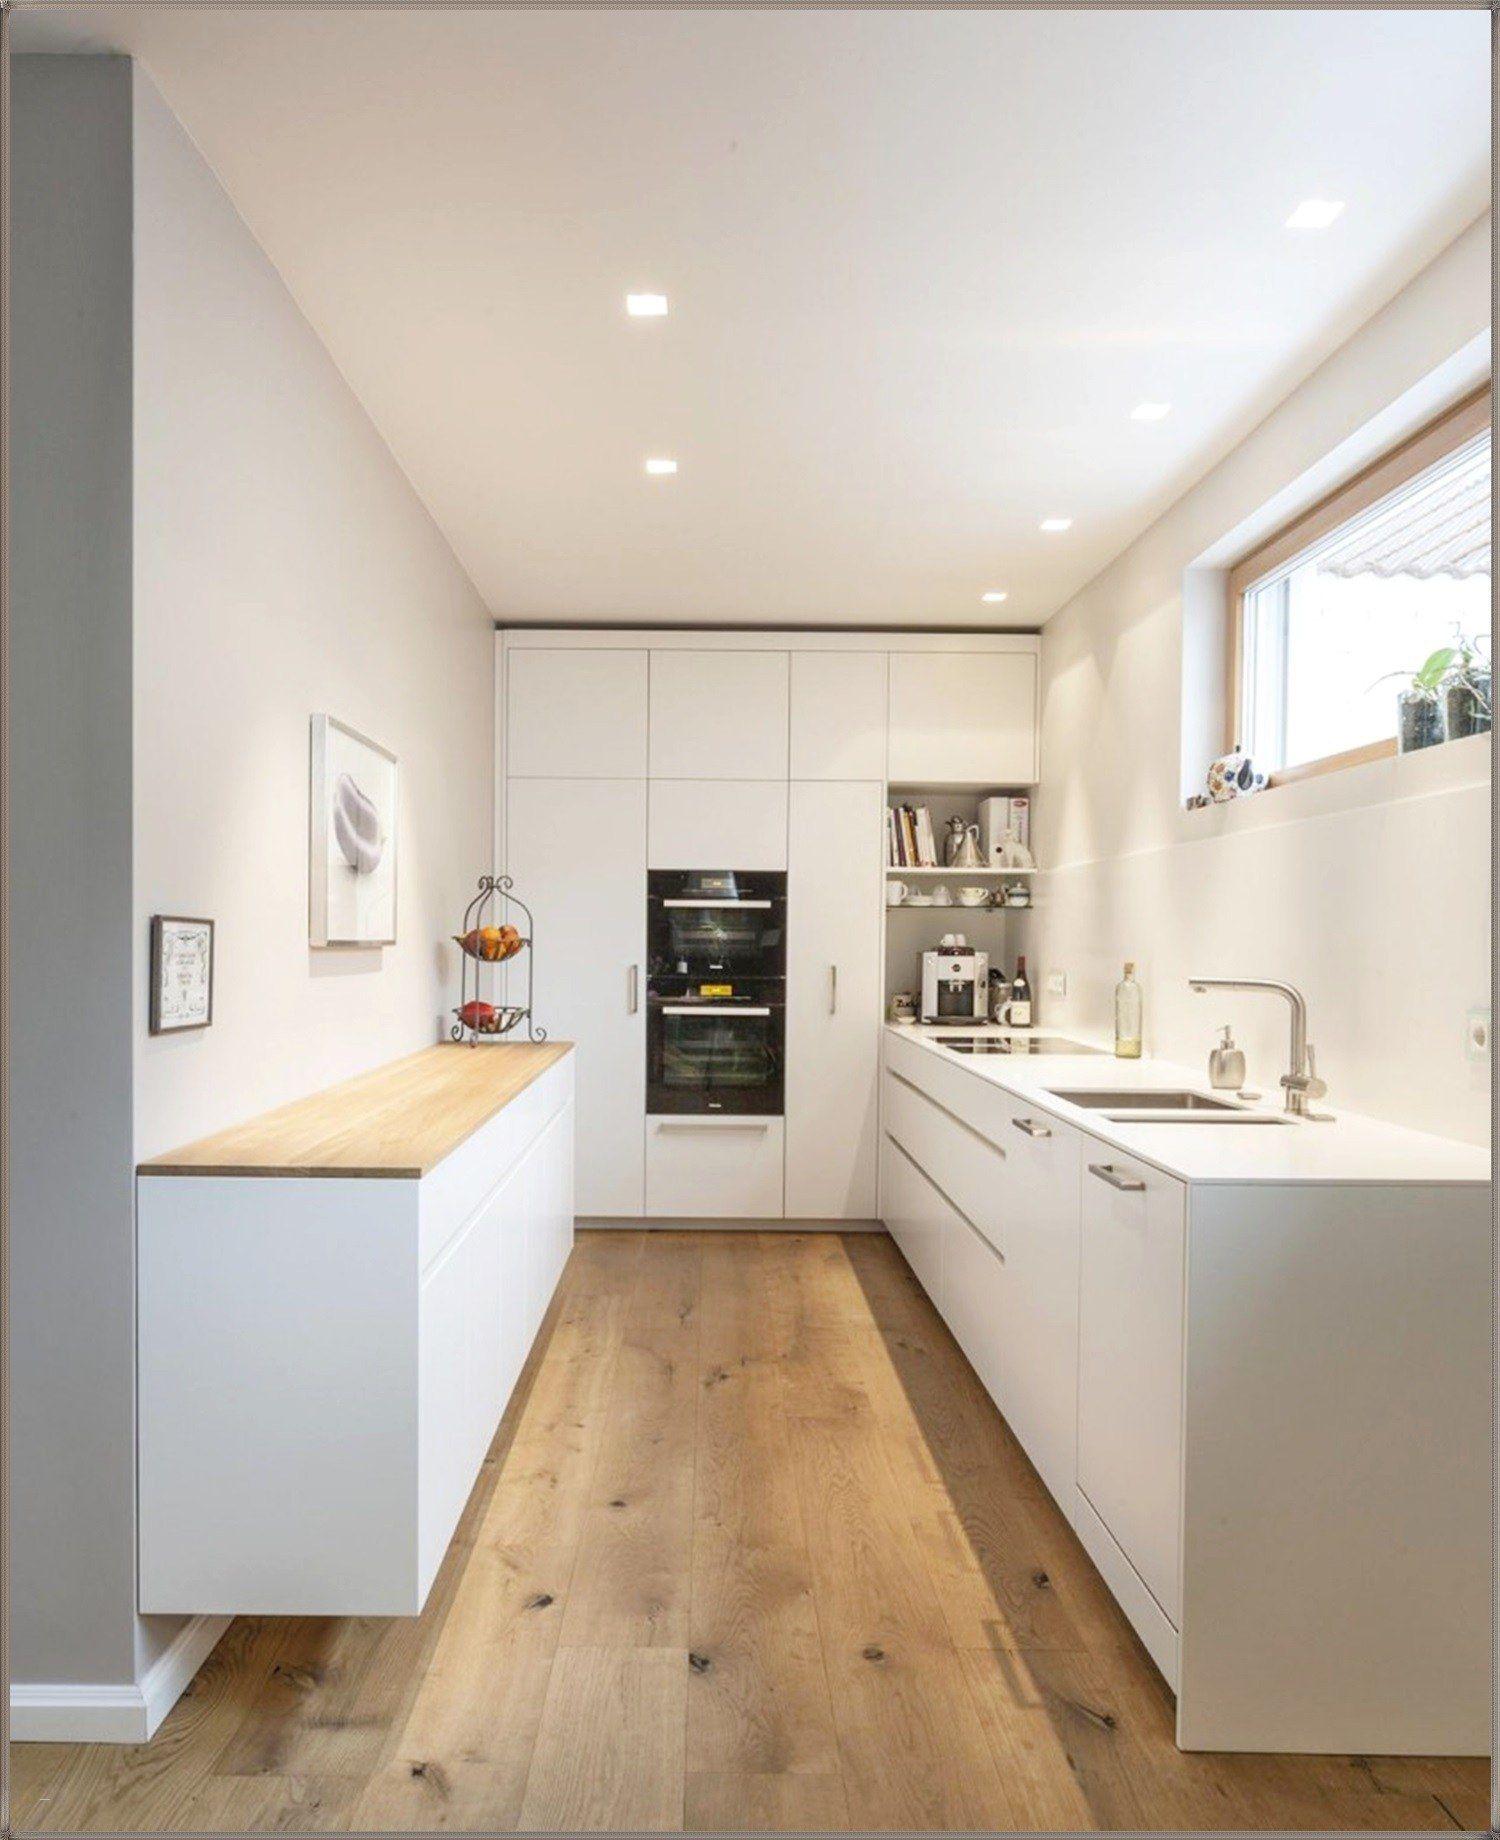 Küche Neue Fronten Selber Machen Küchen Ideen Selber Machen Ikea